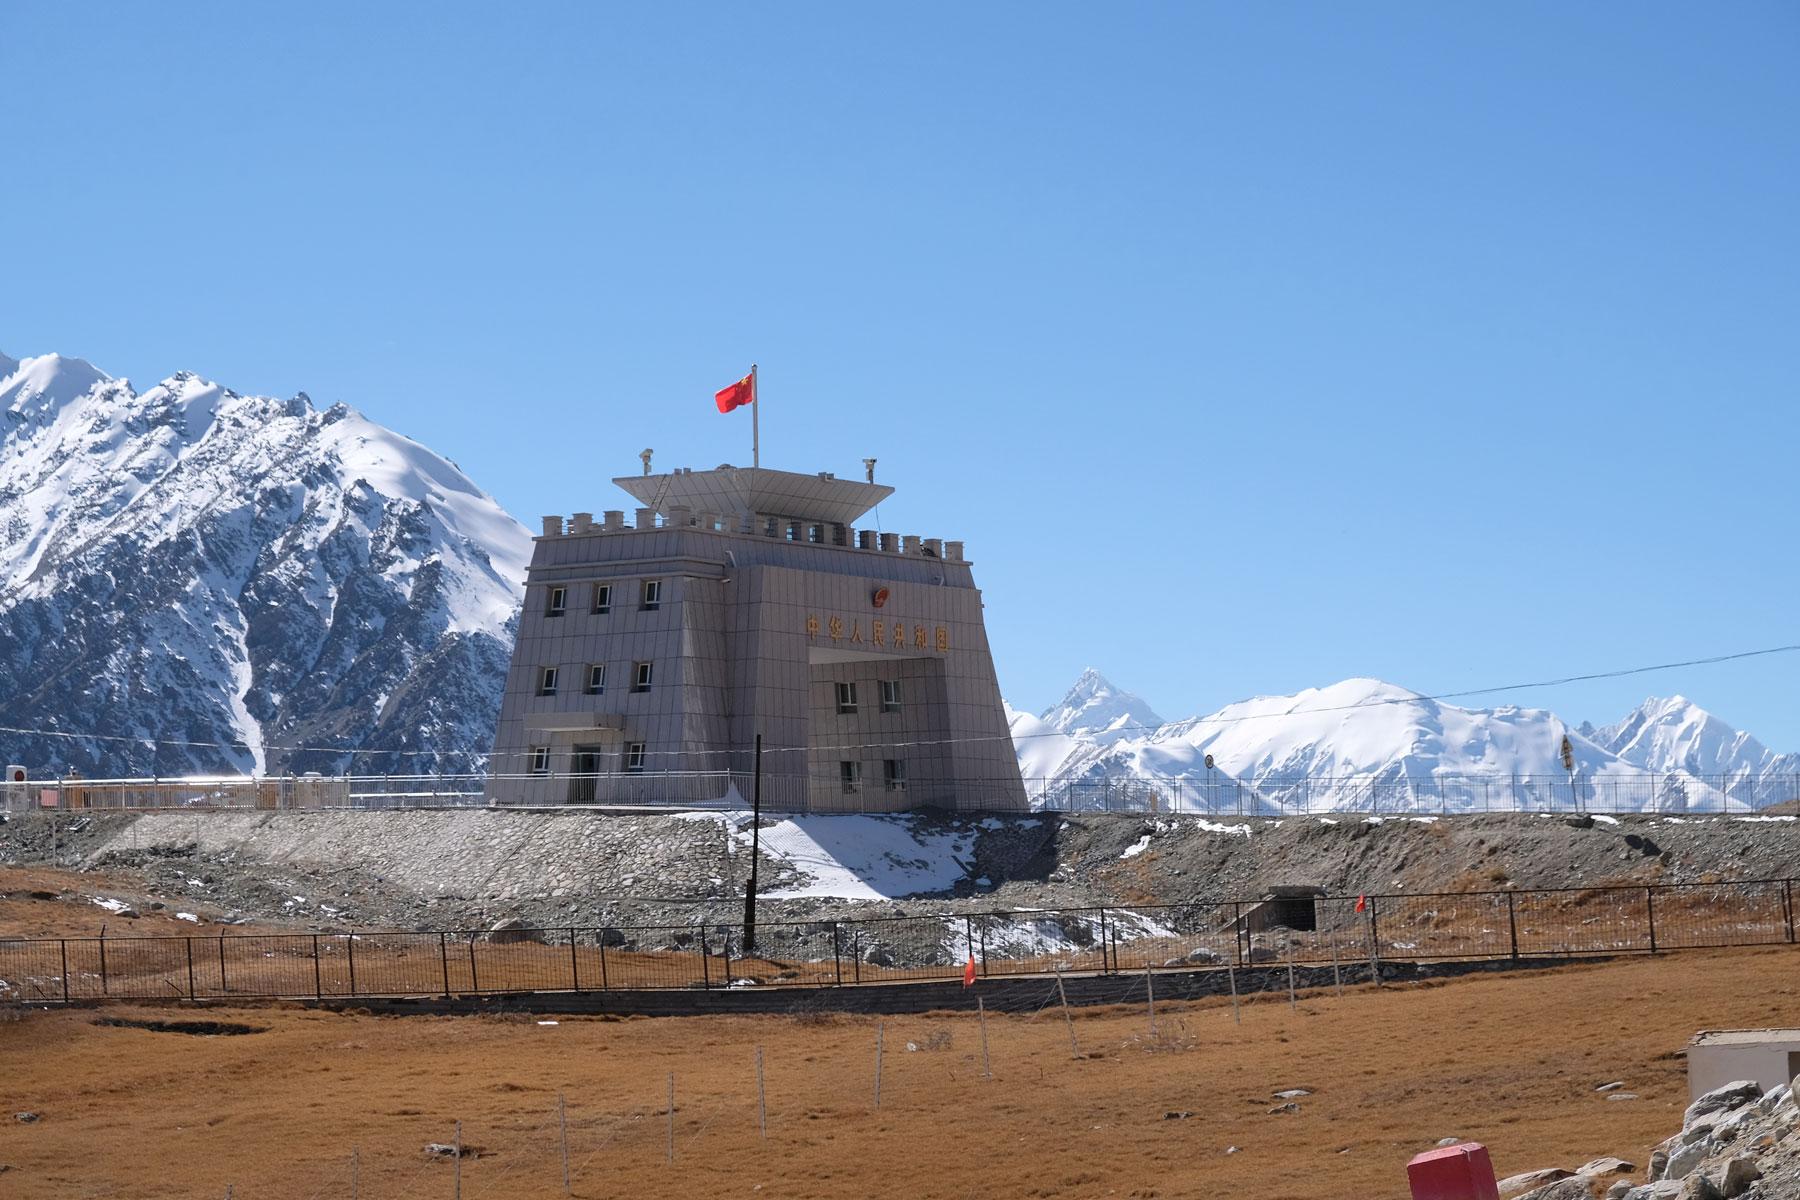 Der Khunjerab-Pass wird von einem massiven Gebäude markiert